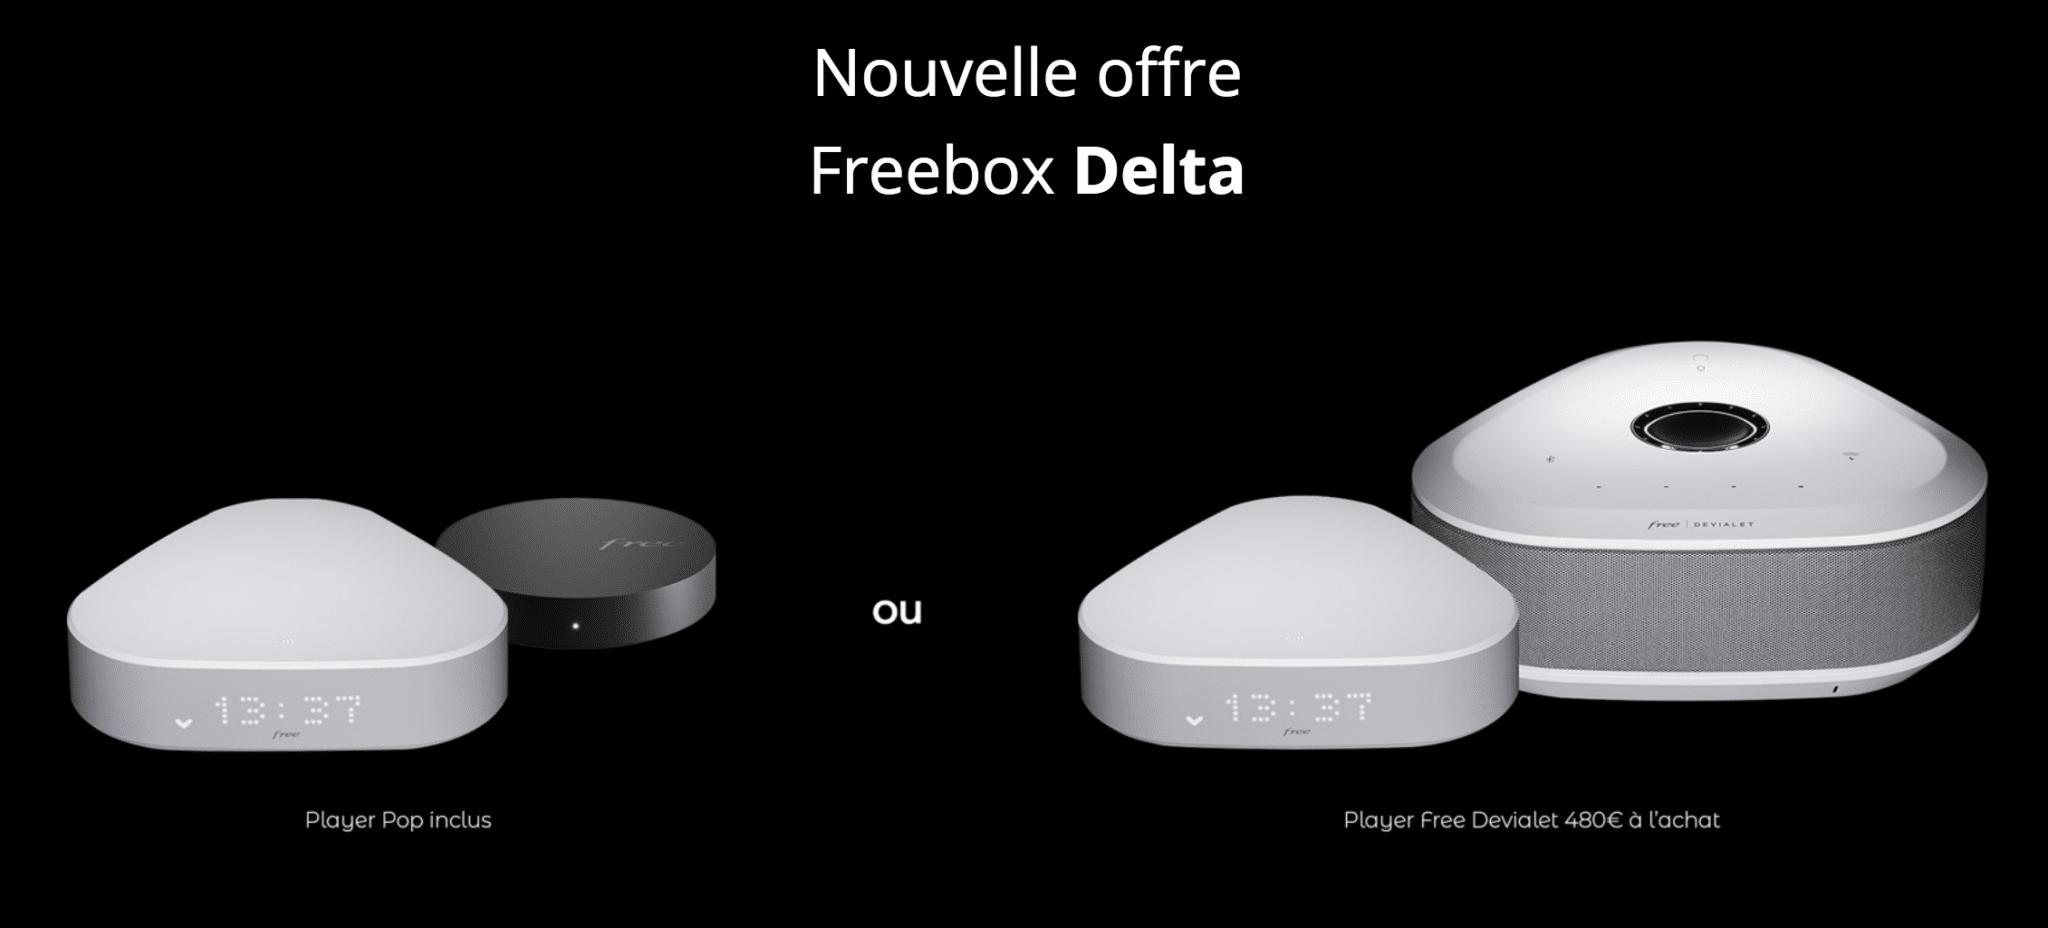 Free : nouvelle offre Freebox Delta avec décodeur TV (player) POP ou Devialet